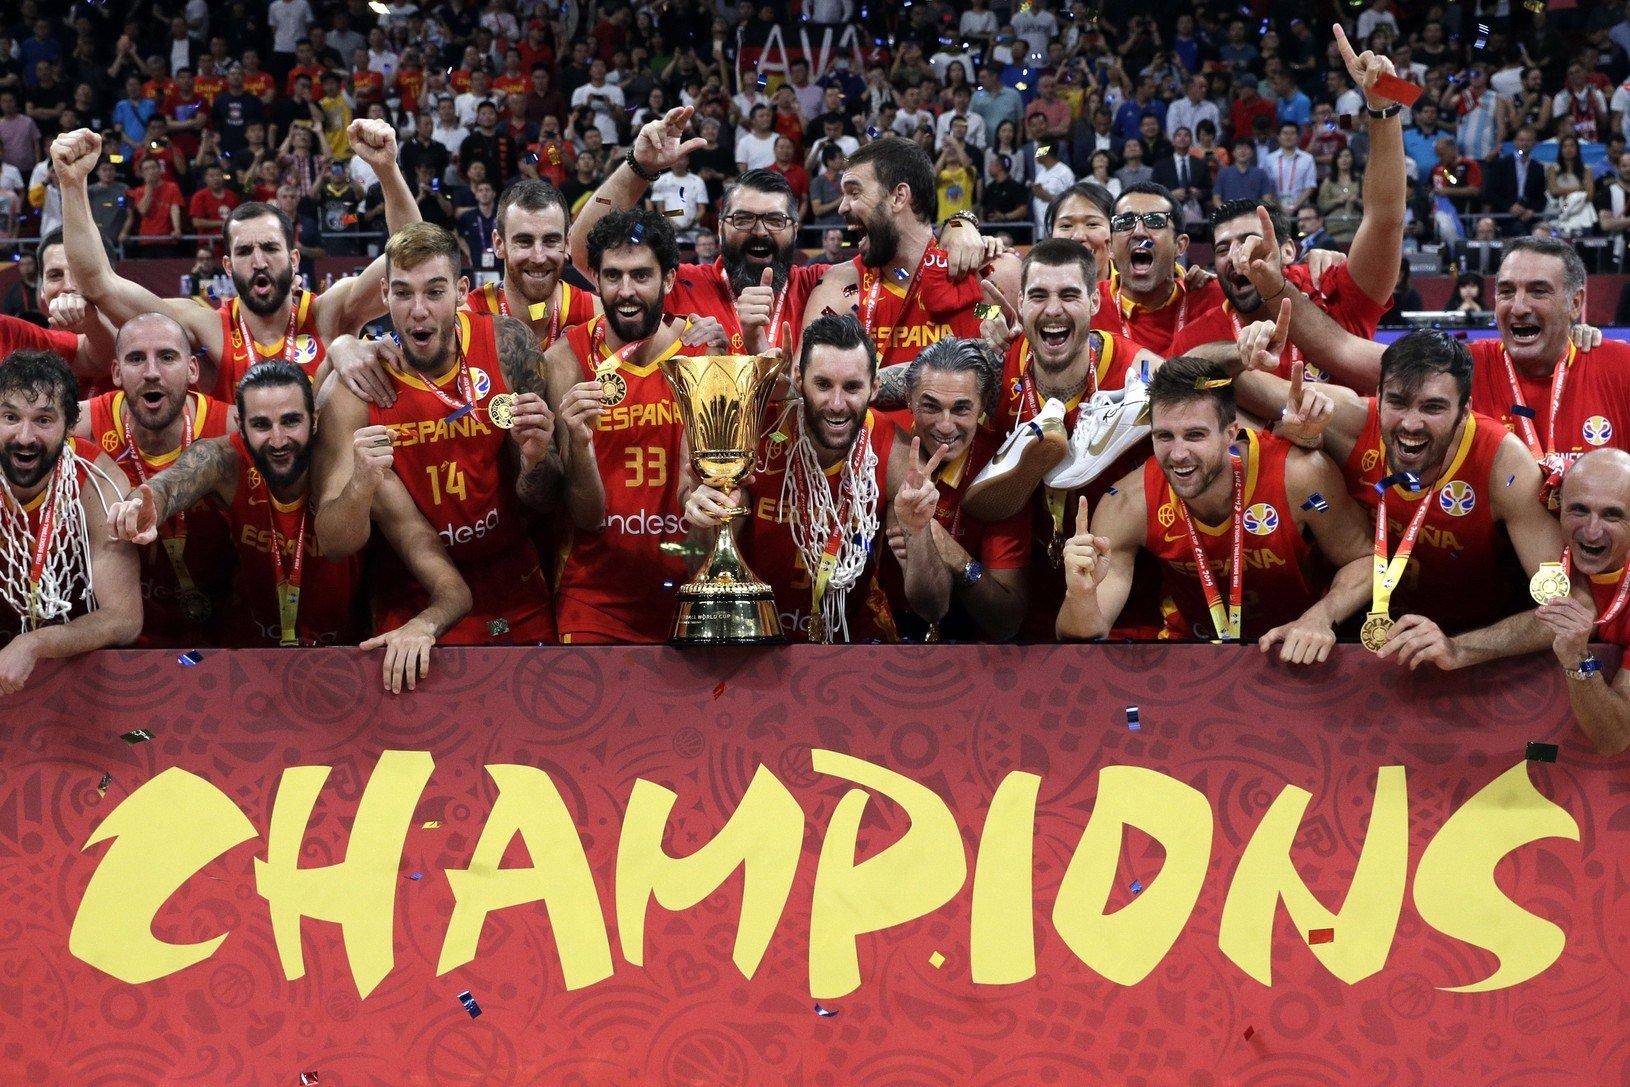 Španielski basketbalisti oslavujú titul